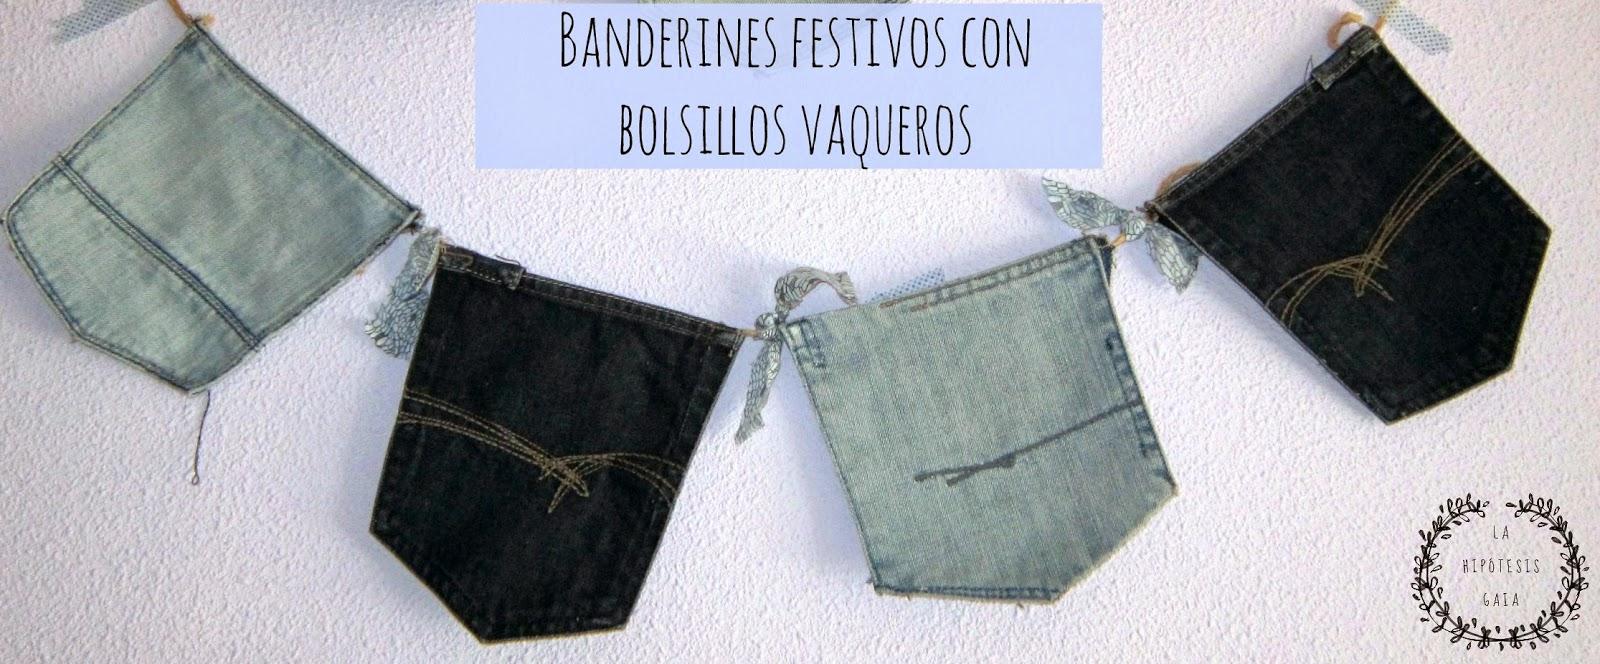 Banderines con bolsillos